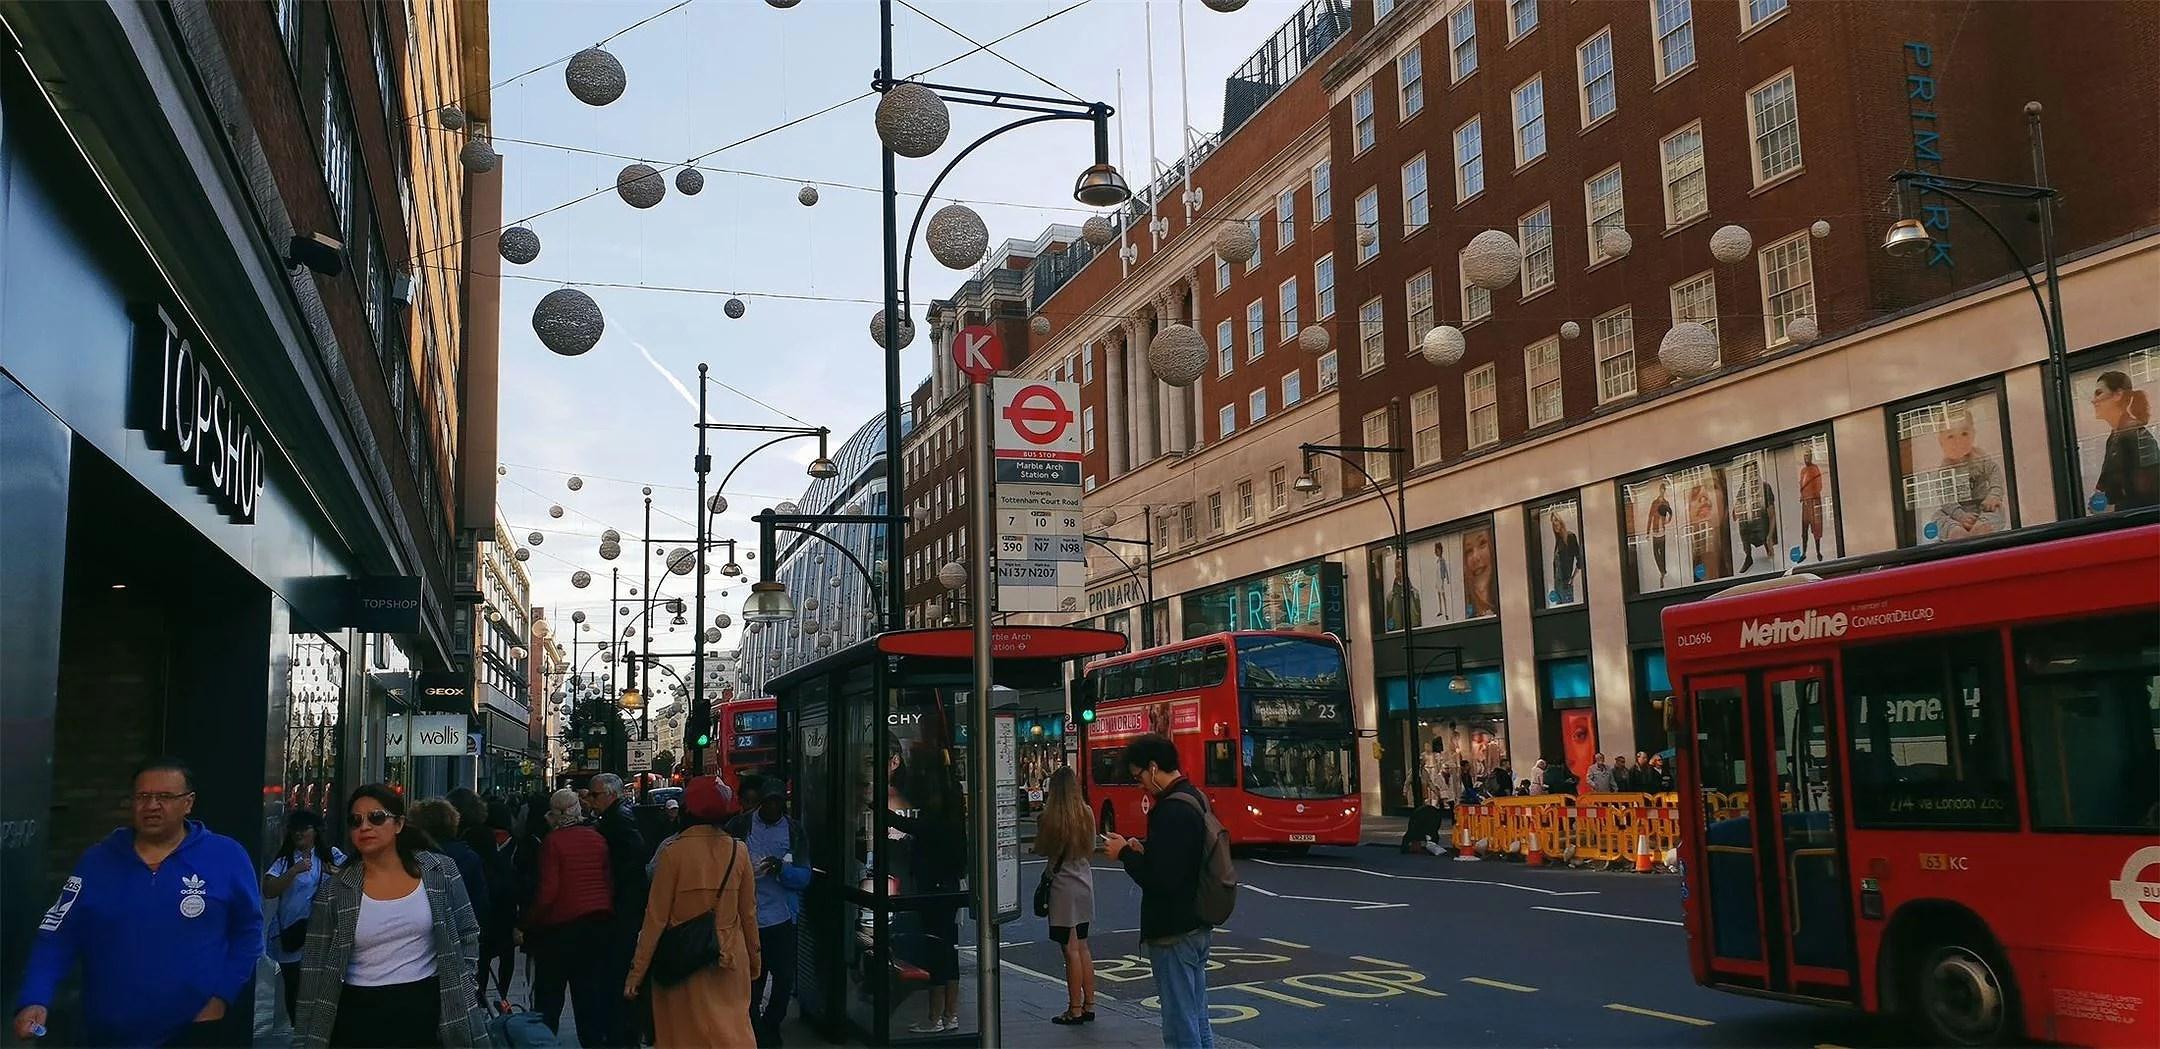 Week 1 - Full skoleuke og London